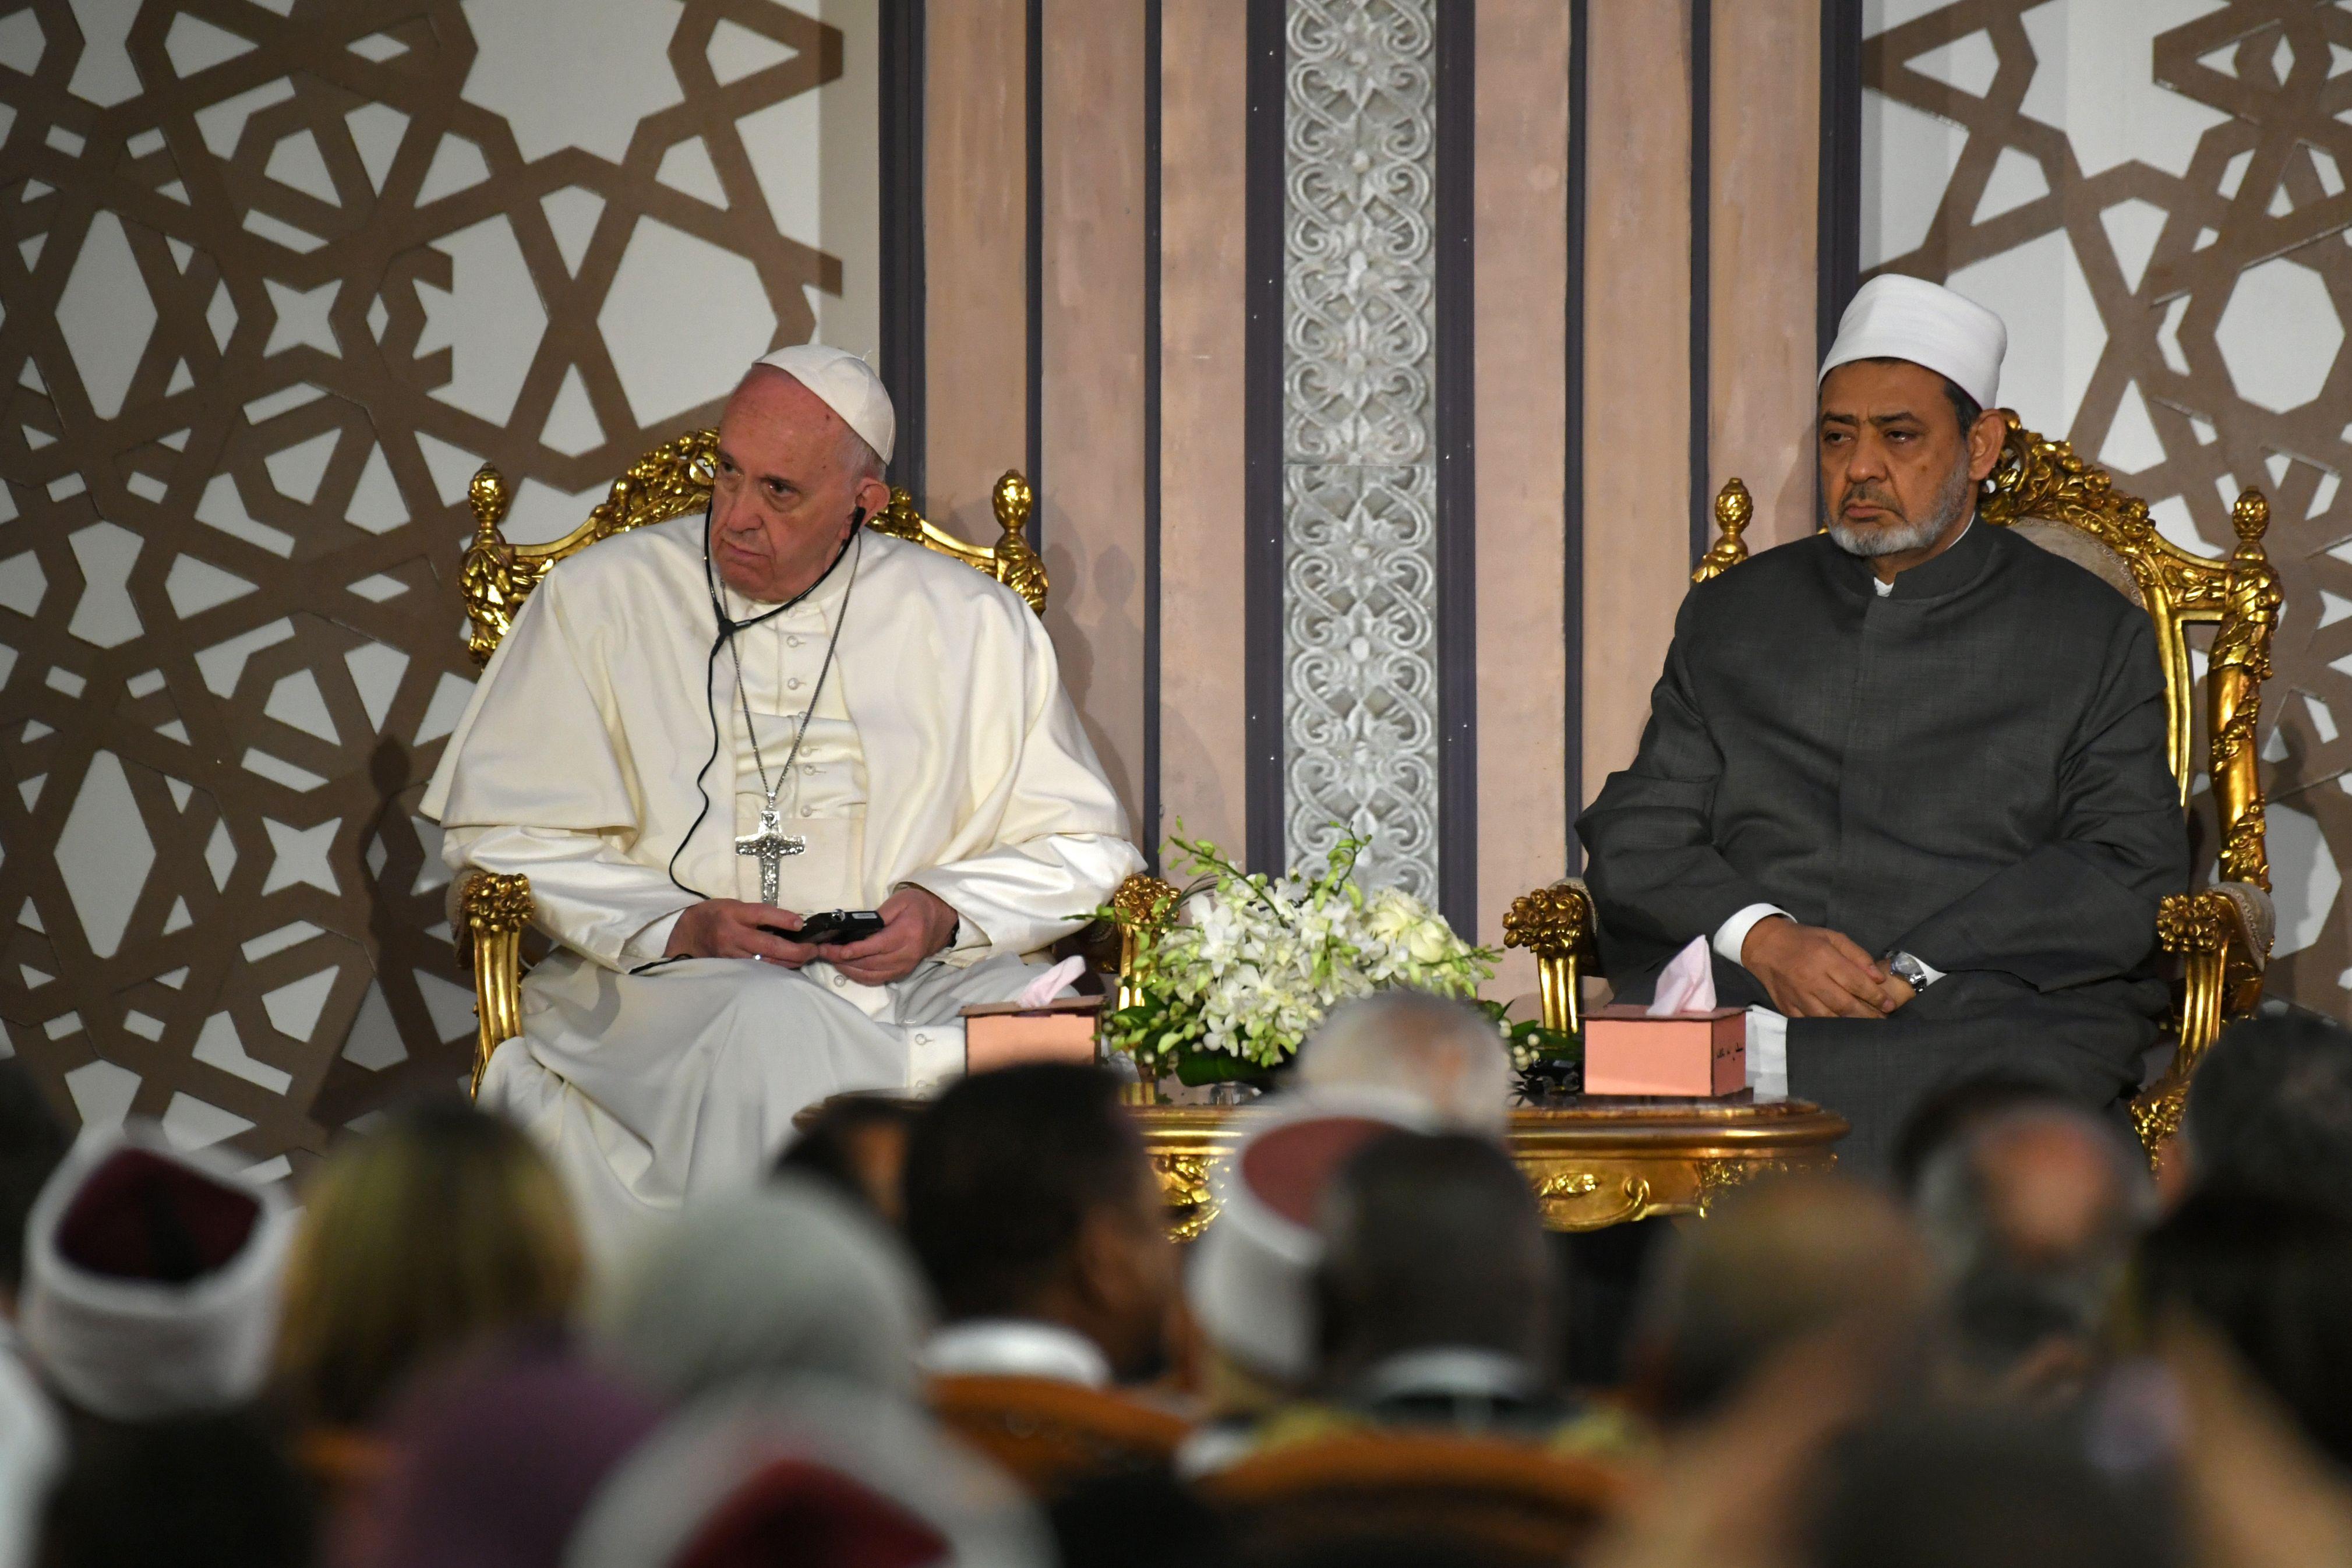 استماع البابا والدكتور الطيب لكلمة في مؤتمر السلام